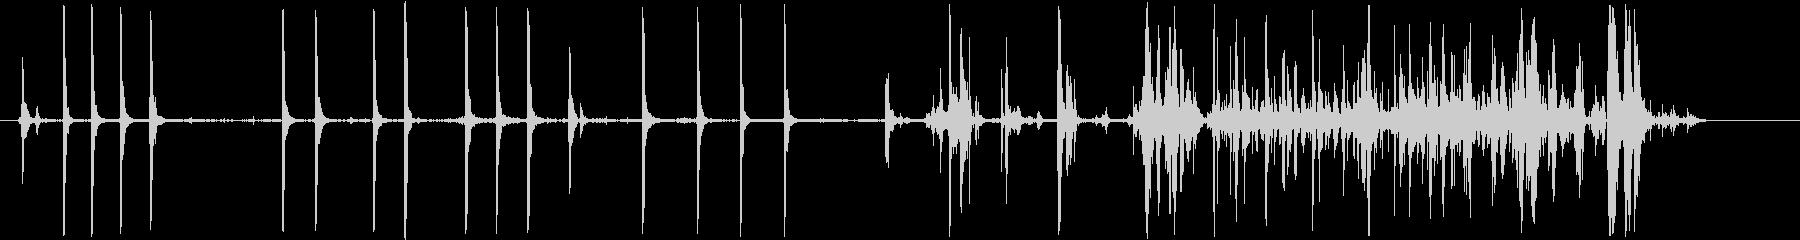 バレルメーカー01;バレルメーカー...の未再生の波形